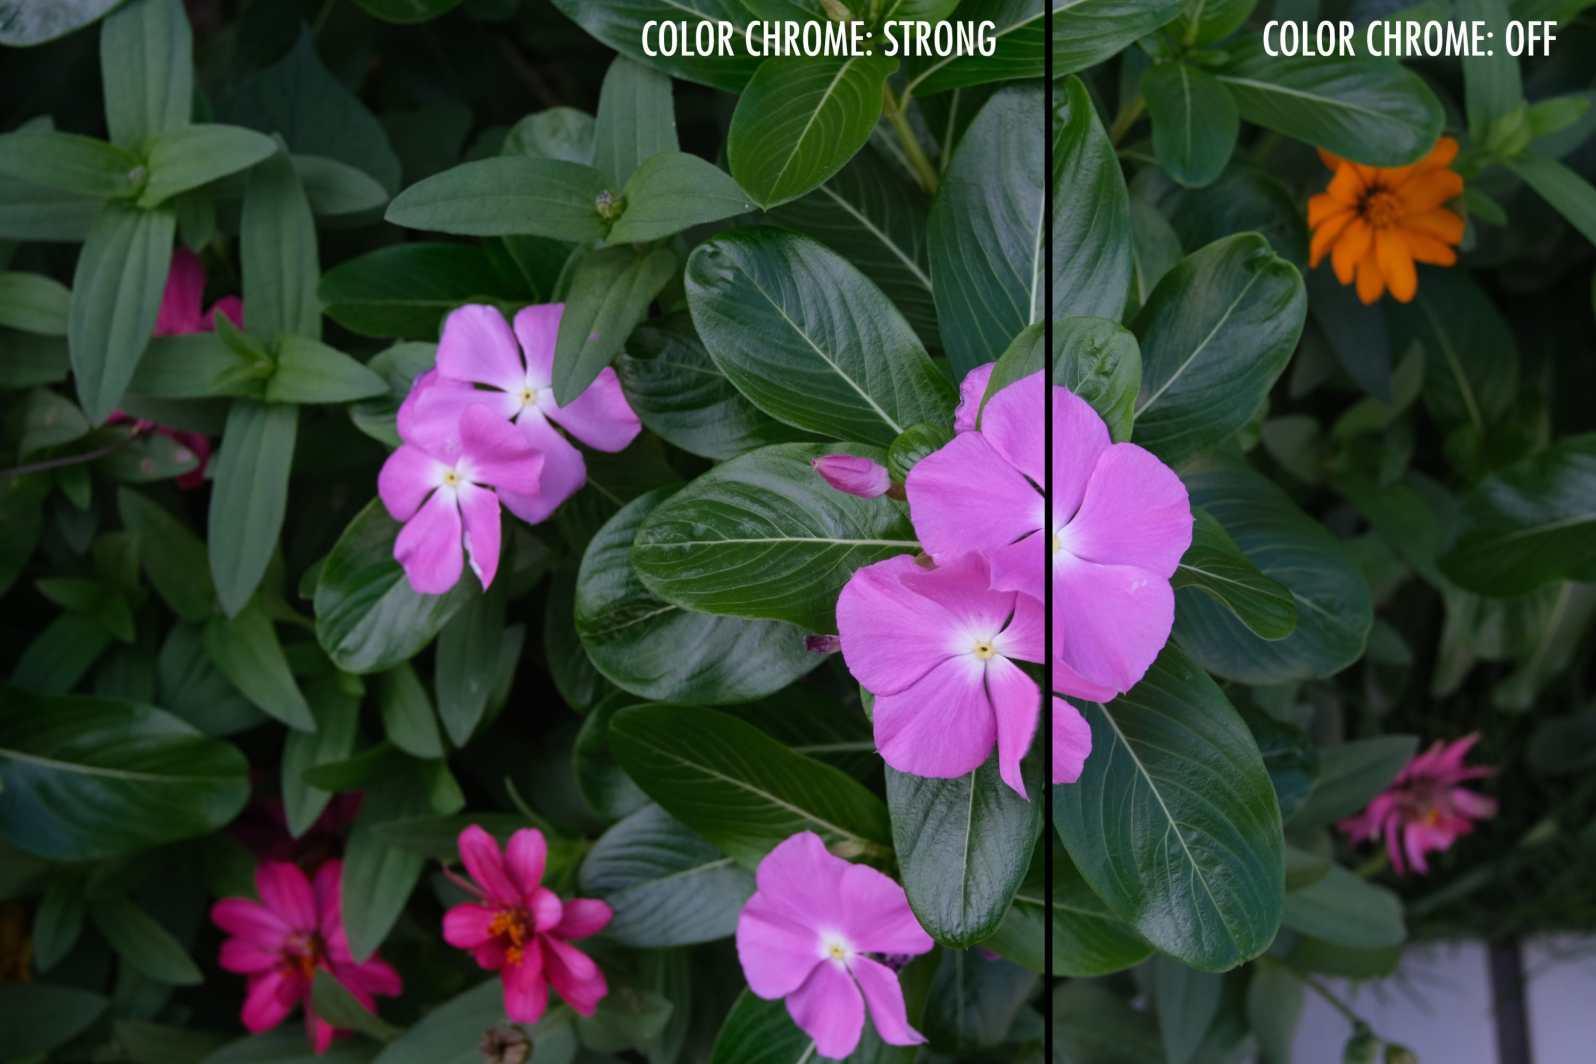 Fujifilm_XT3_ColorChrome-L